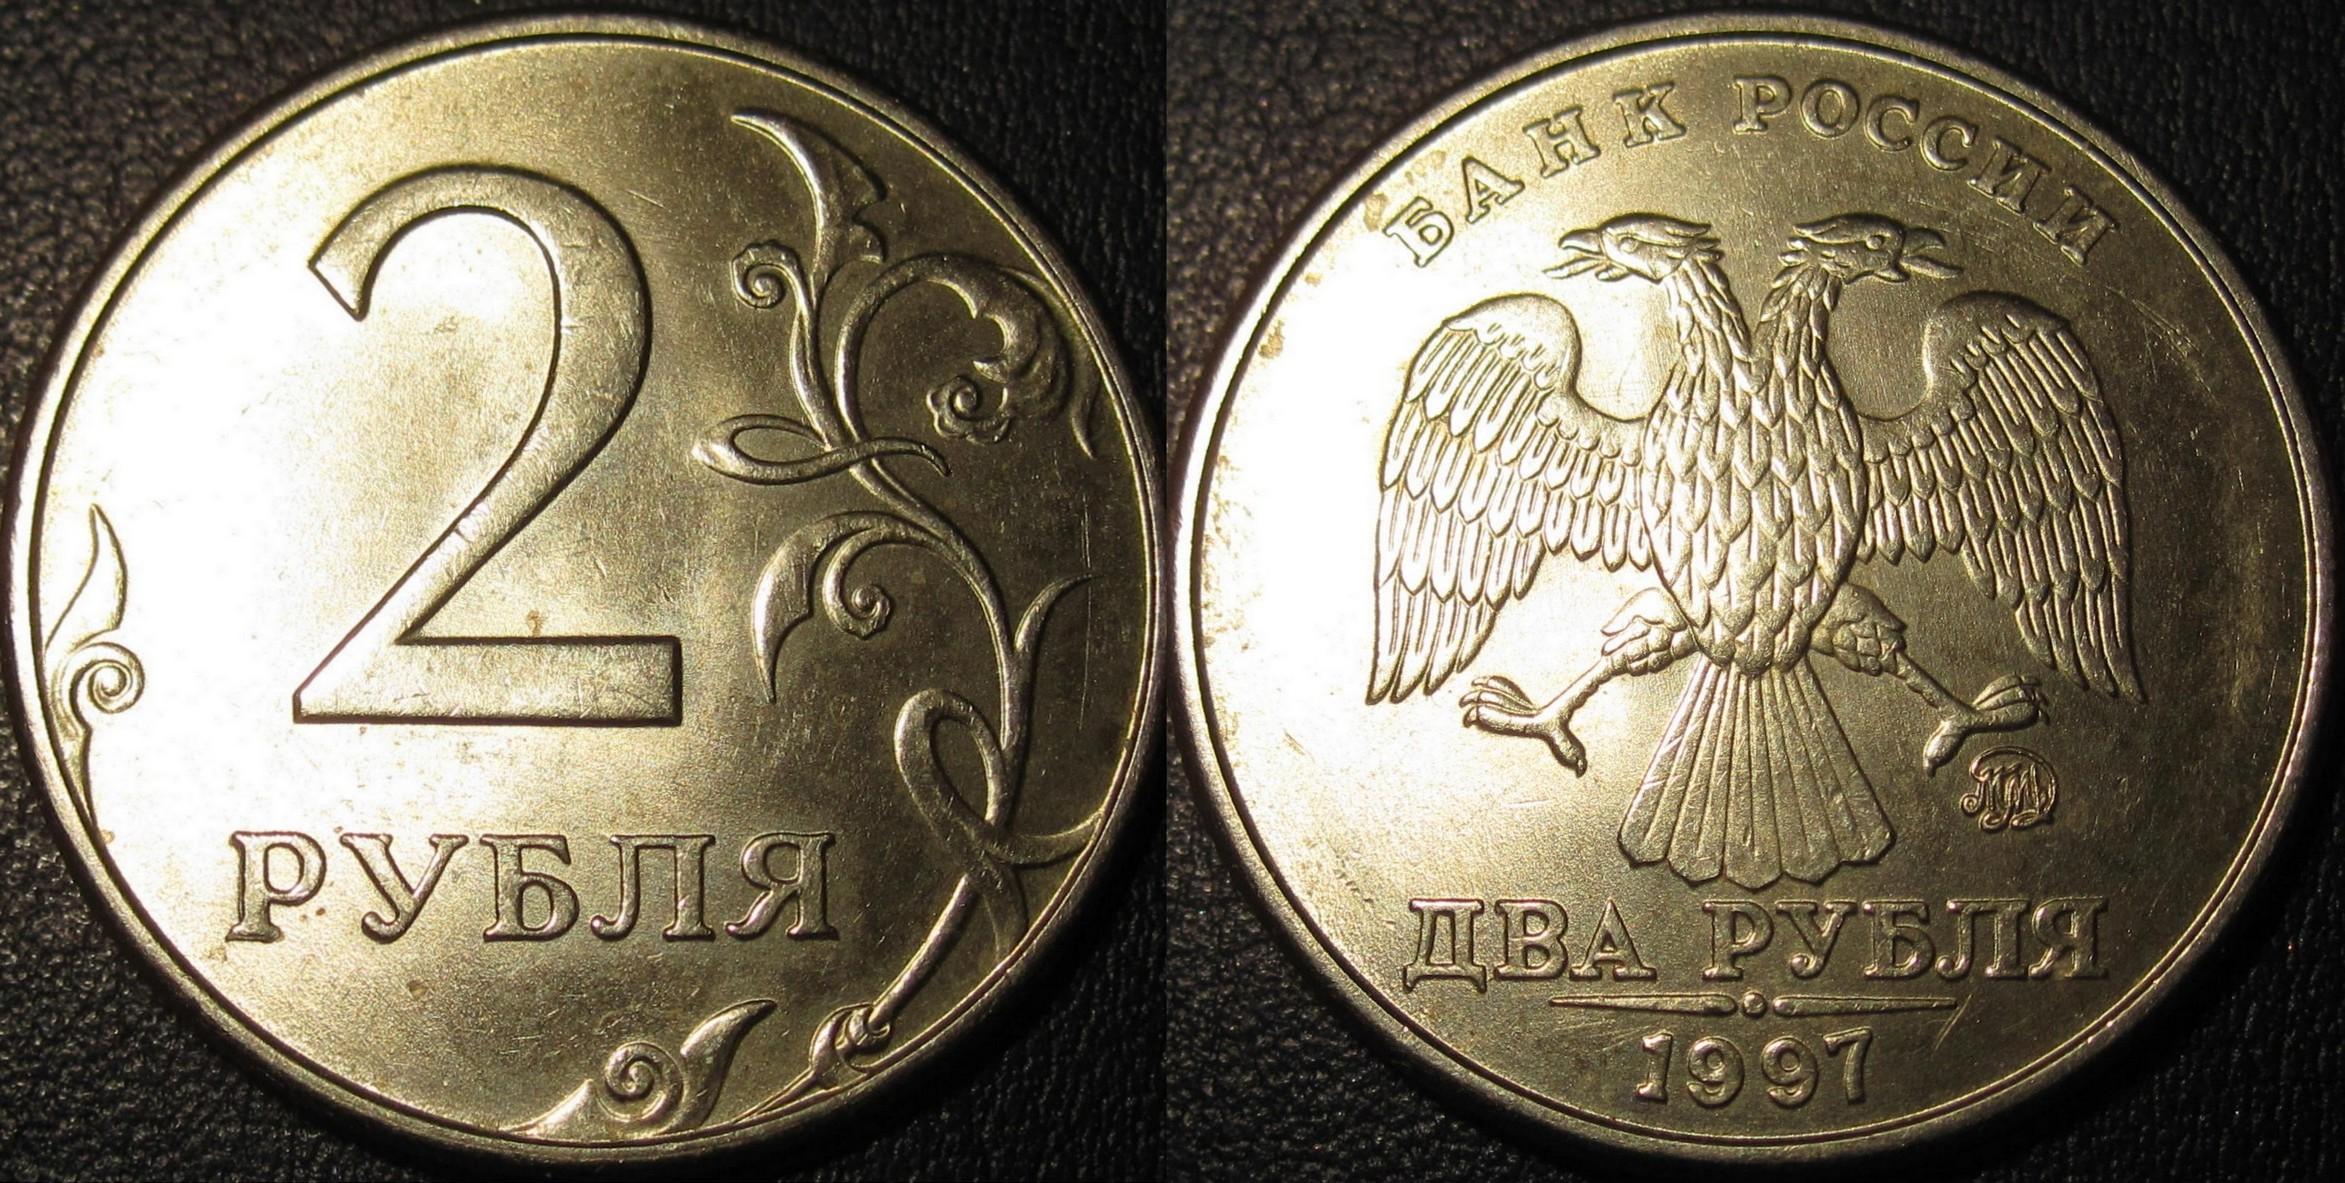 2 руб 1997г rex pol